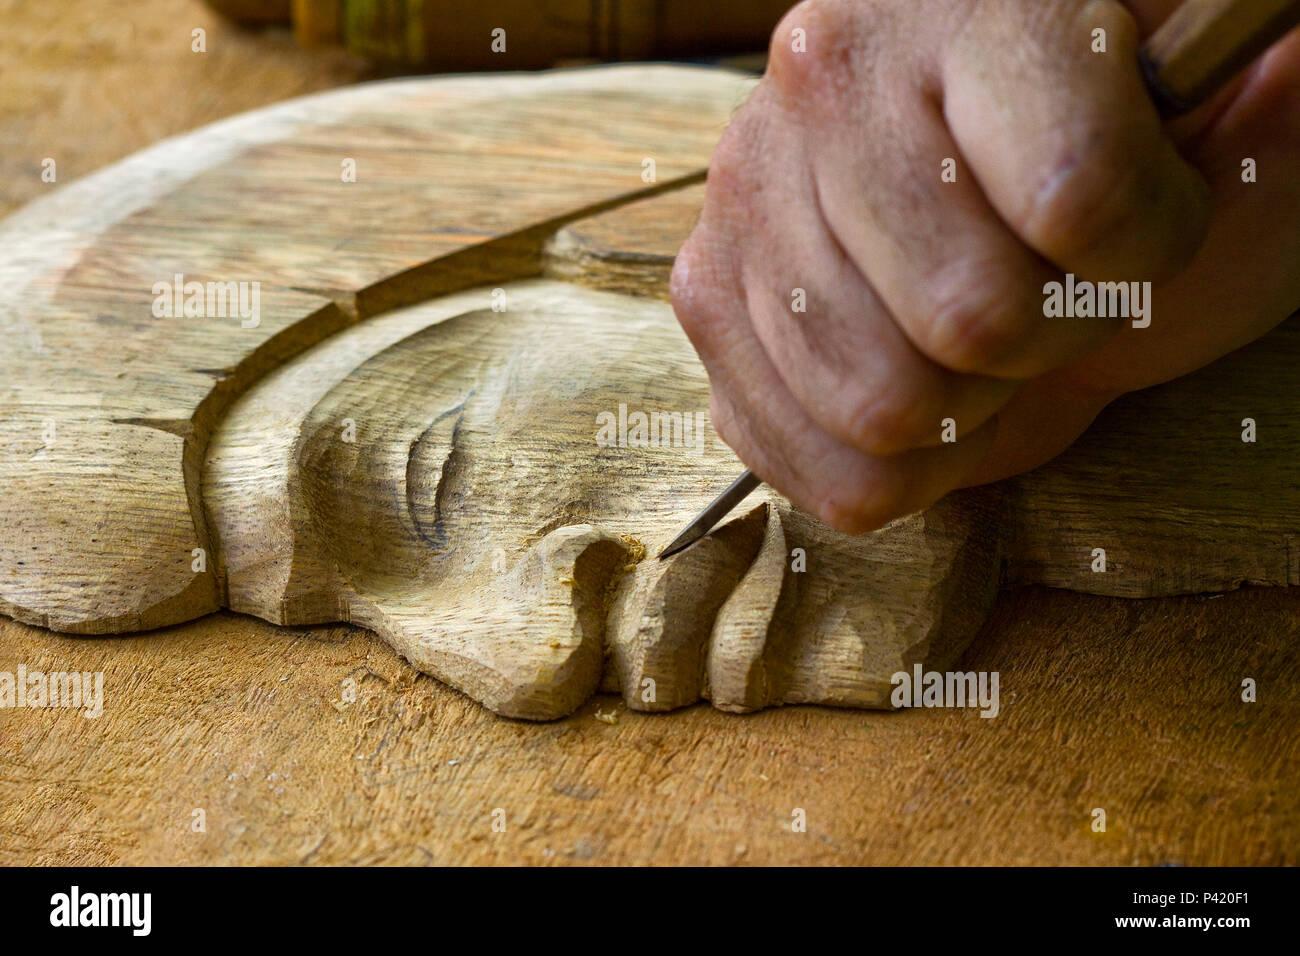 Embú das artes-SP Arte em Madeira Escultor Entalhador artísta madeira trabalho artesanal com madeira - Stock Image